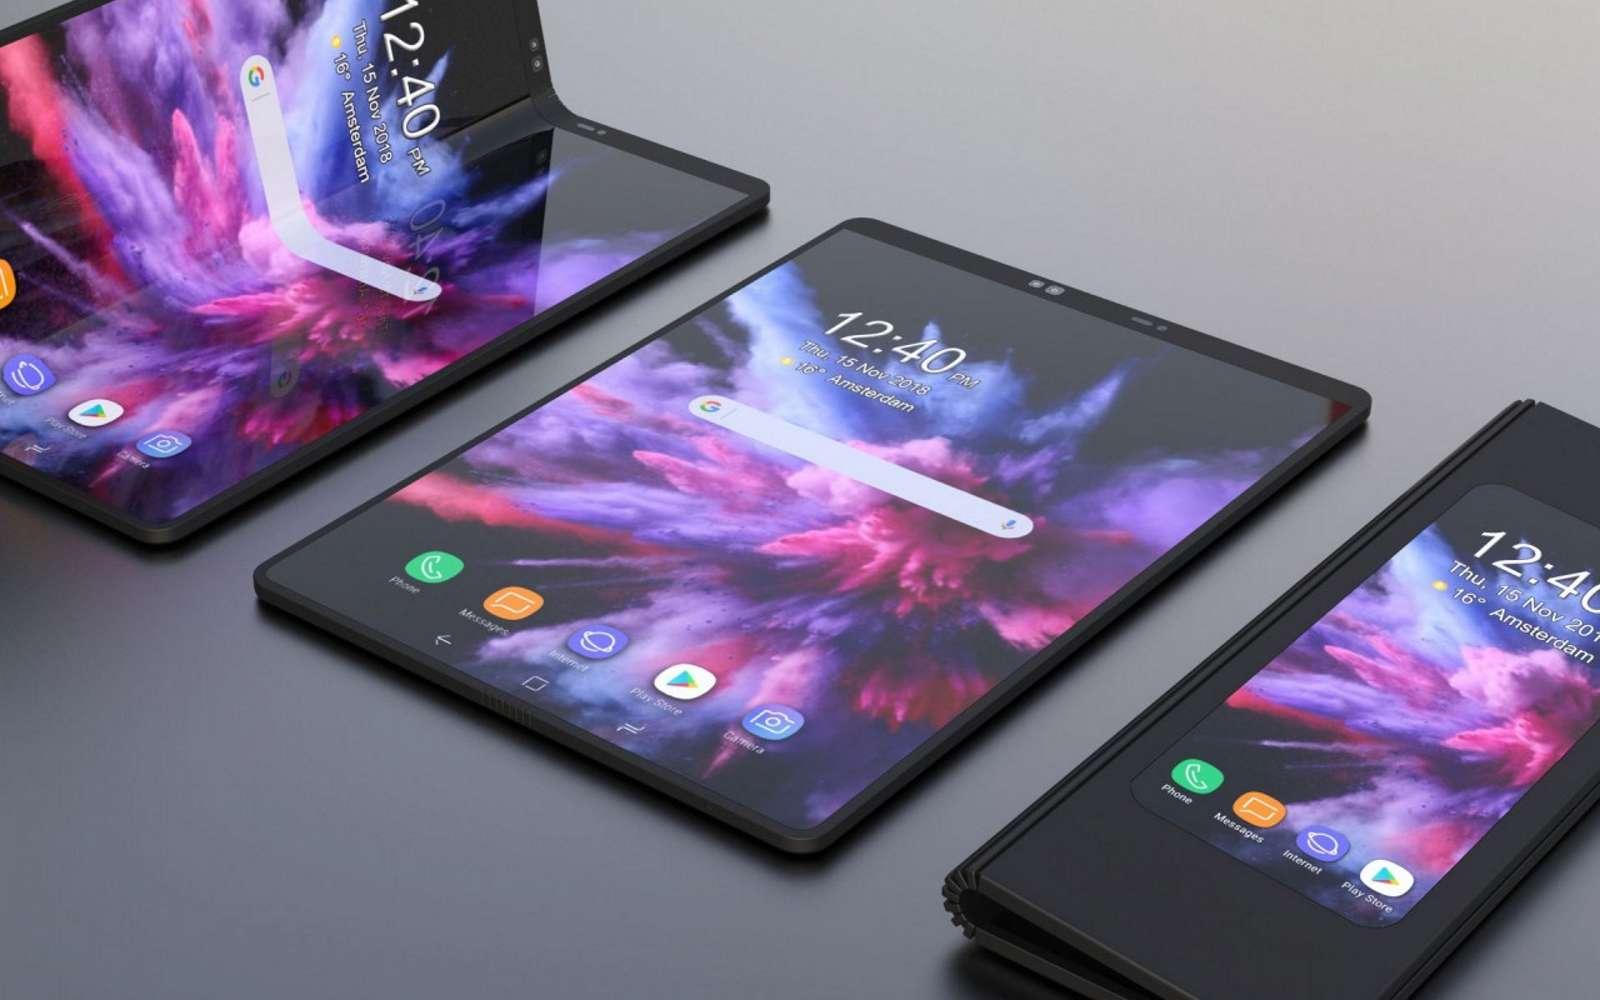 L'écran pliable du Samsung Galaxy Fold soulève des inquiétudes